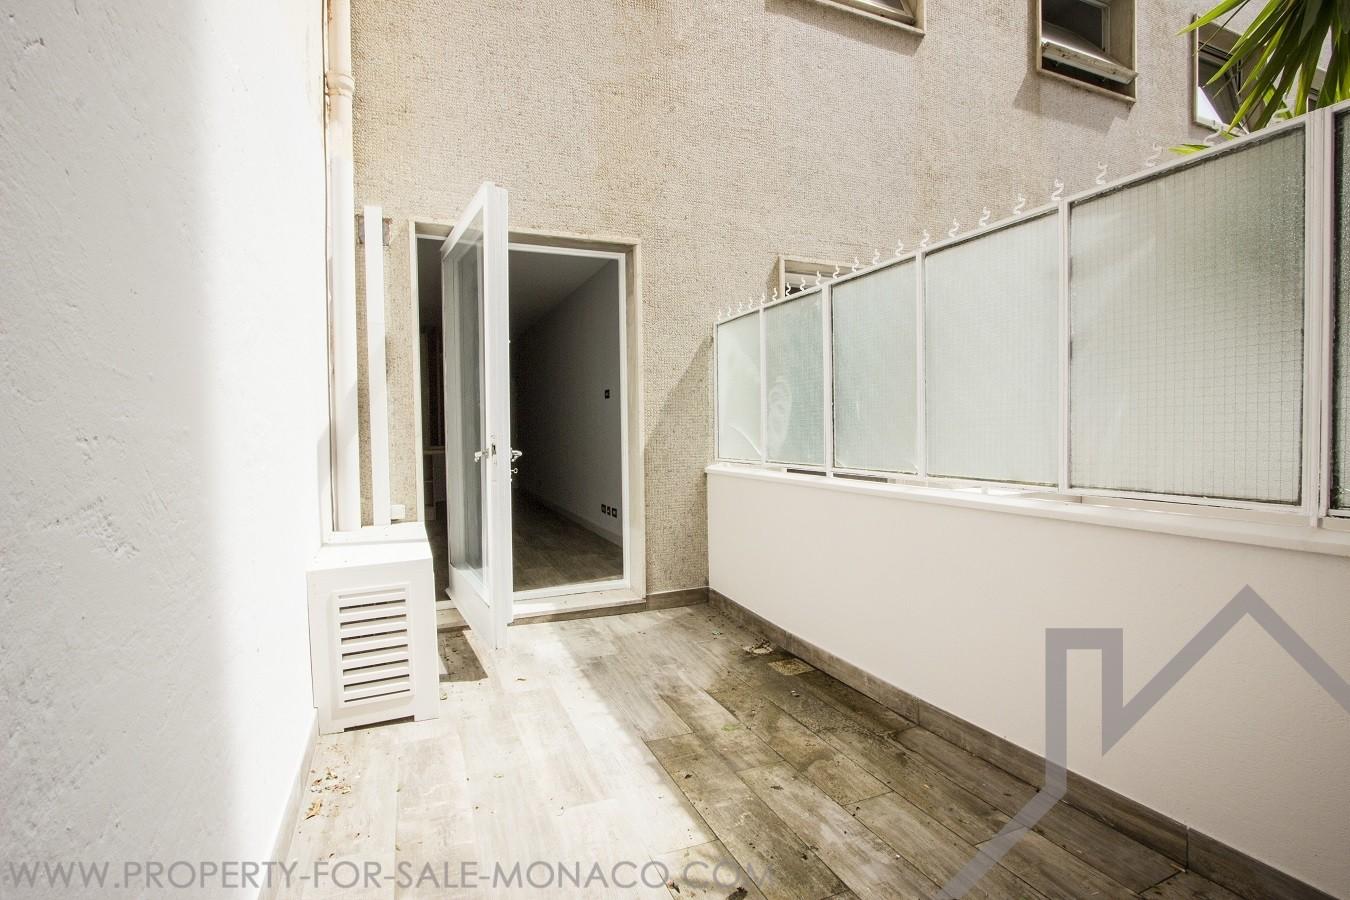 Trocadero 2 chambres cote a cote balcon vue mer for Chambre de commerce monaco